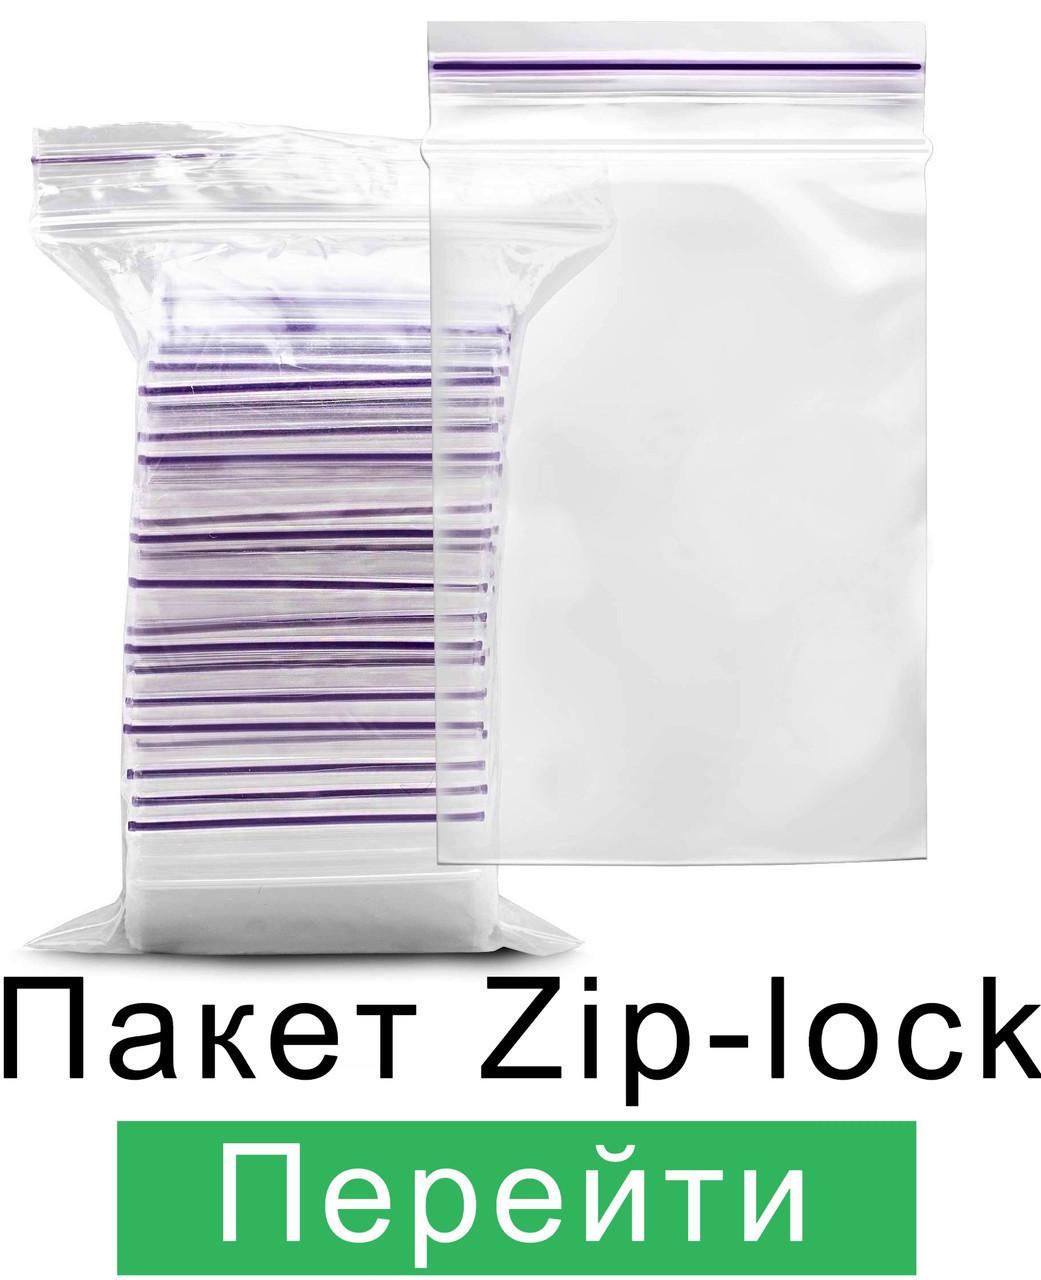 Пакеты  с замком Zip-Lock - все размеры в описании